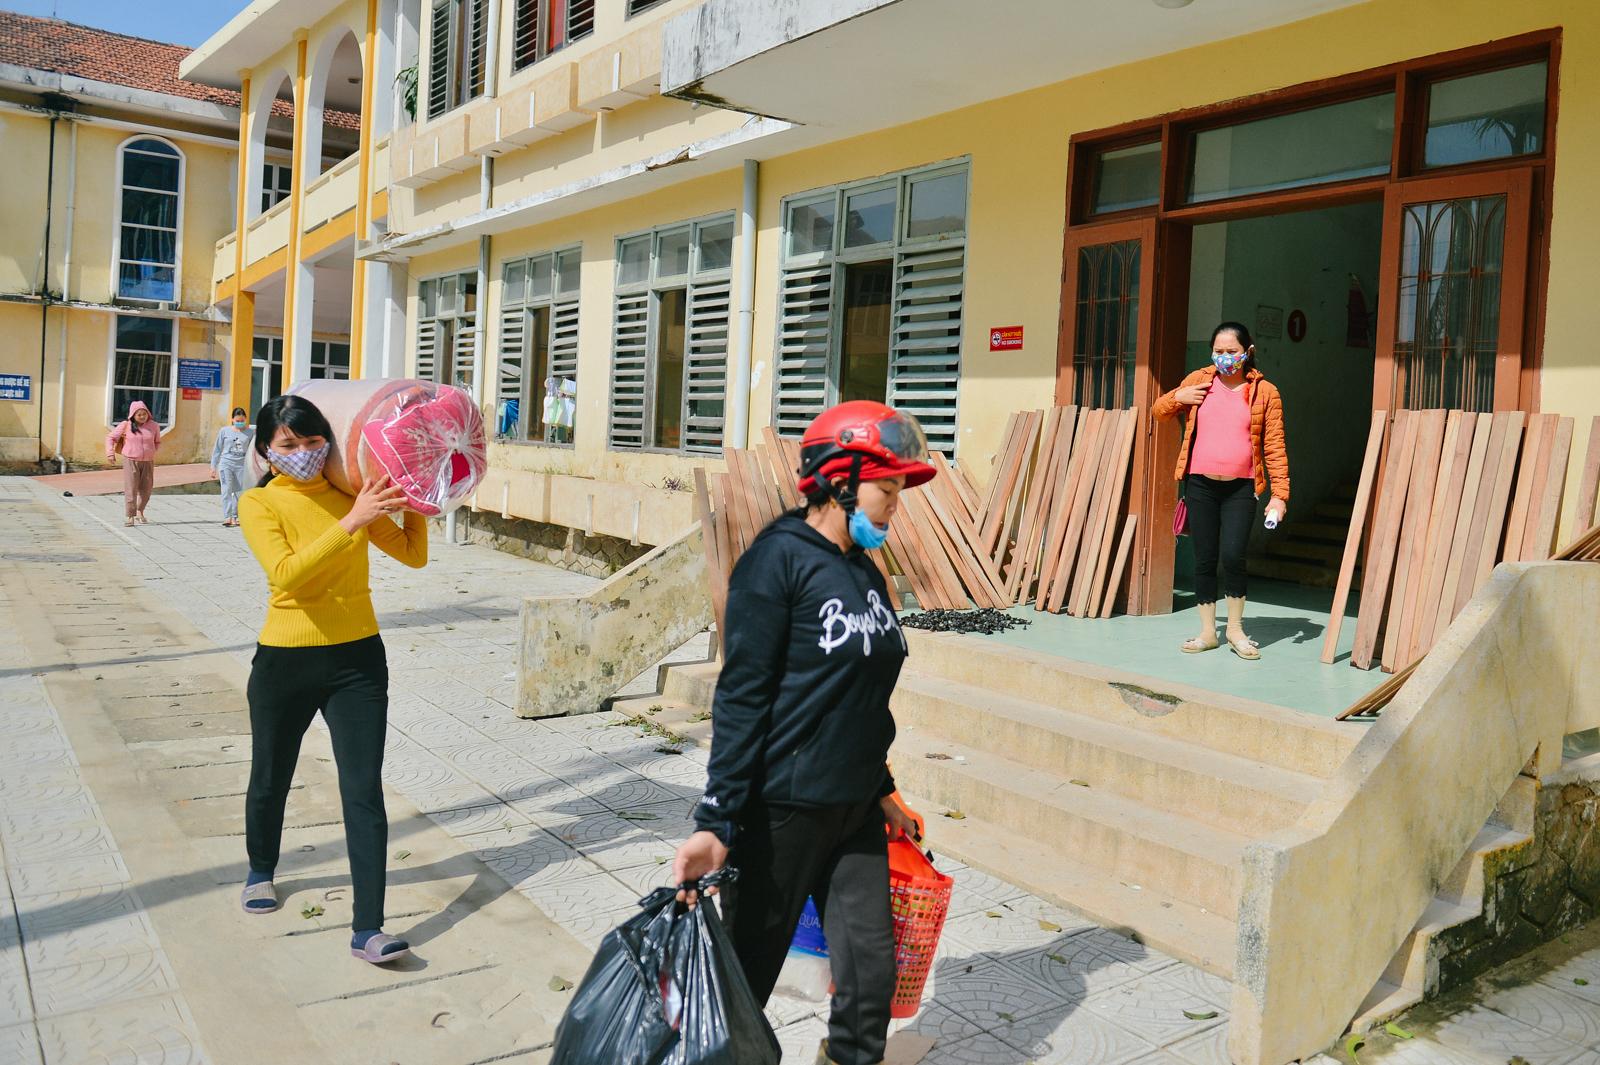 Bệnh viện tại Quảng Bình tan hoang sau cơn 'đại hồng thuỷ' nhưng câu chuyện về tình người còn đáng giá gấp bội - Ảnh 4.